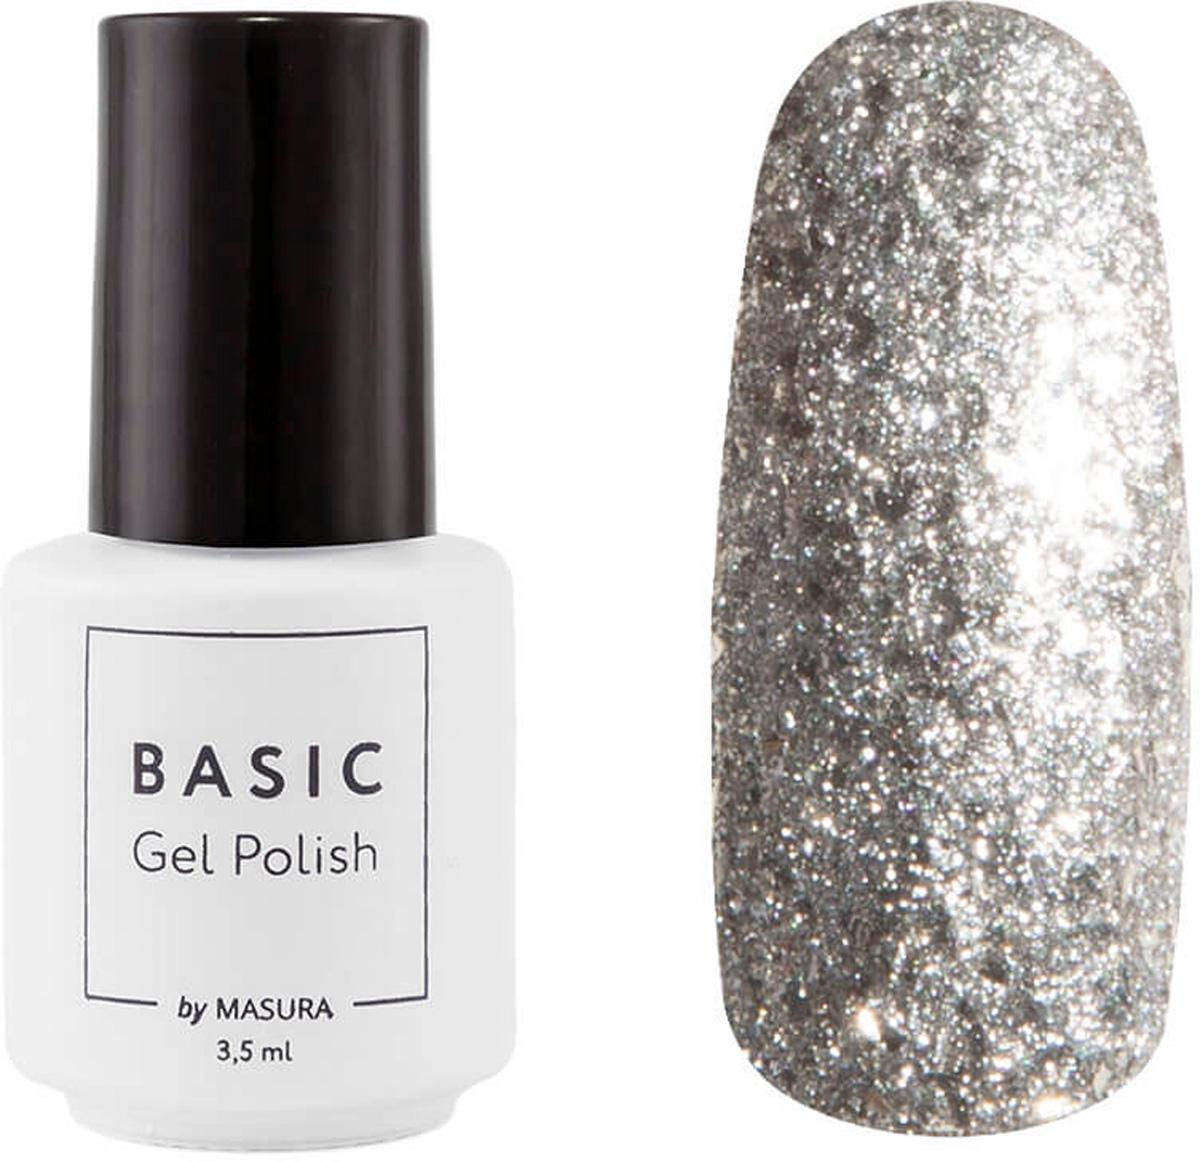 Masura Гель-лак Basic Алмазная Крошка, 3,5 мл294-363Серебристый с серебряными частицами разного размера, плотныйКак ухаживать за ногтями: советы эксперта. Статья OZON Гид